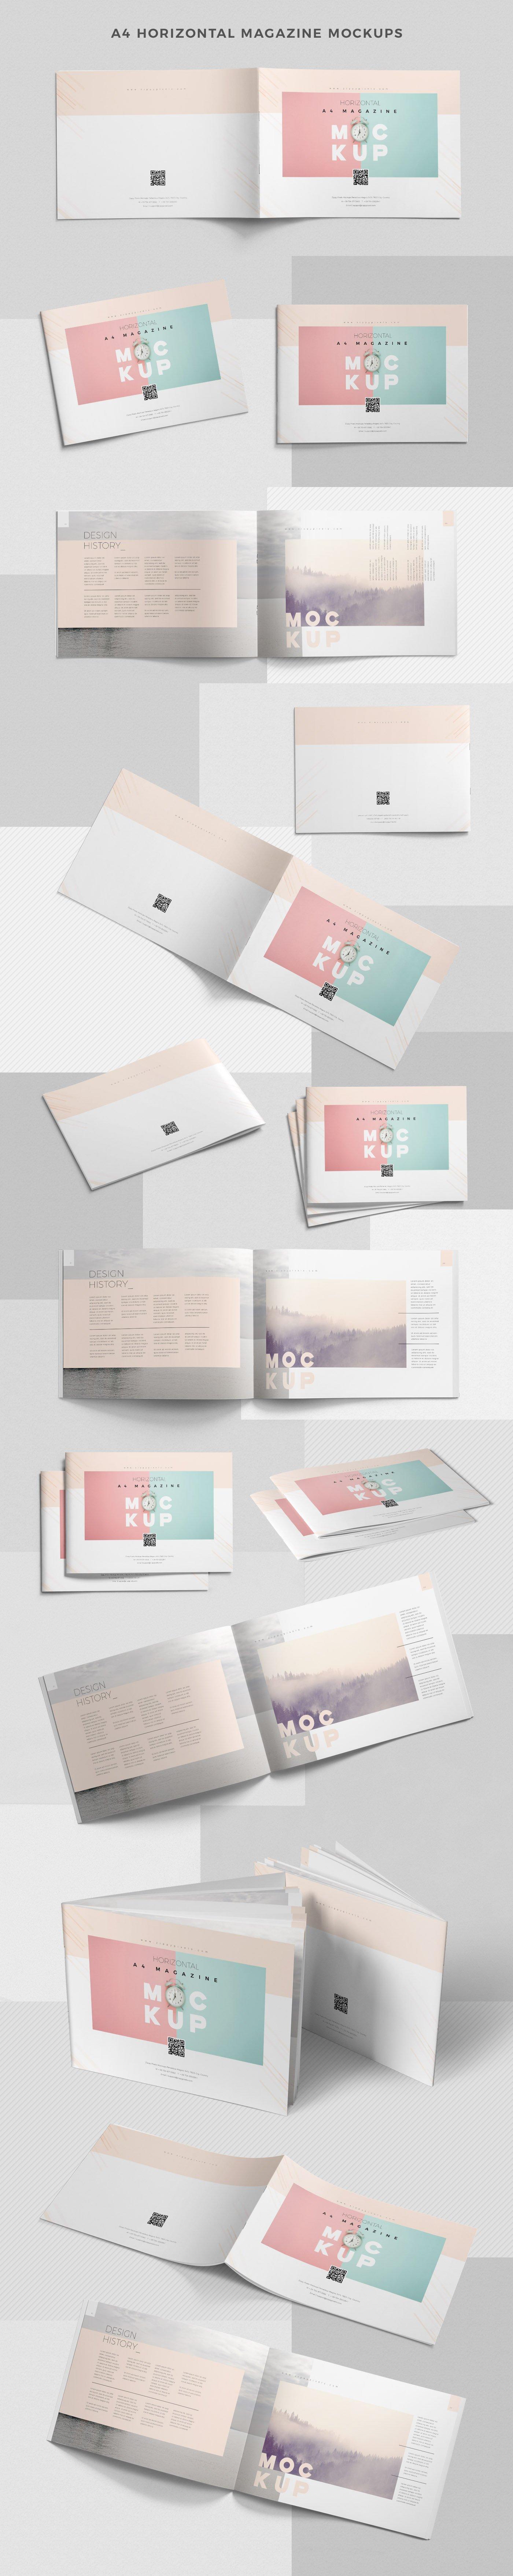 43款画册杂志设计展示效果图样机模板 43 Magazine Mockups Bundle插图(6)